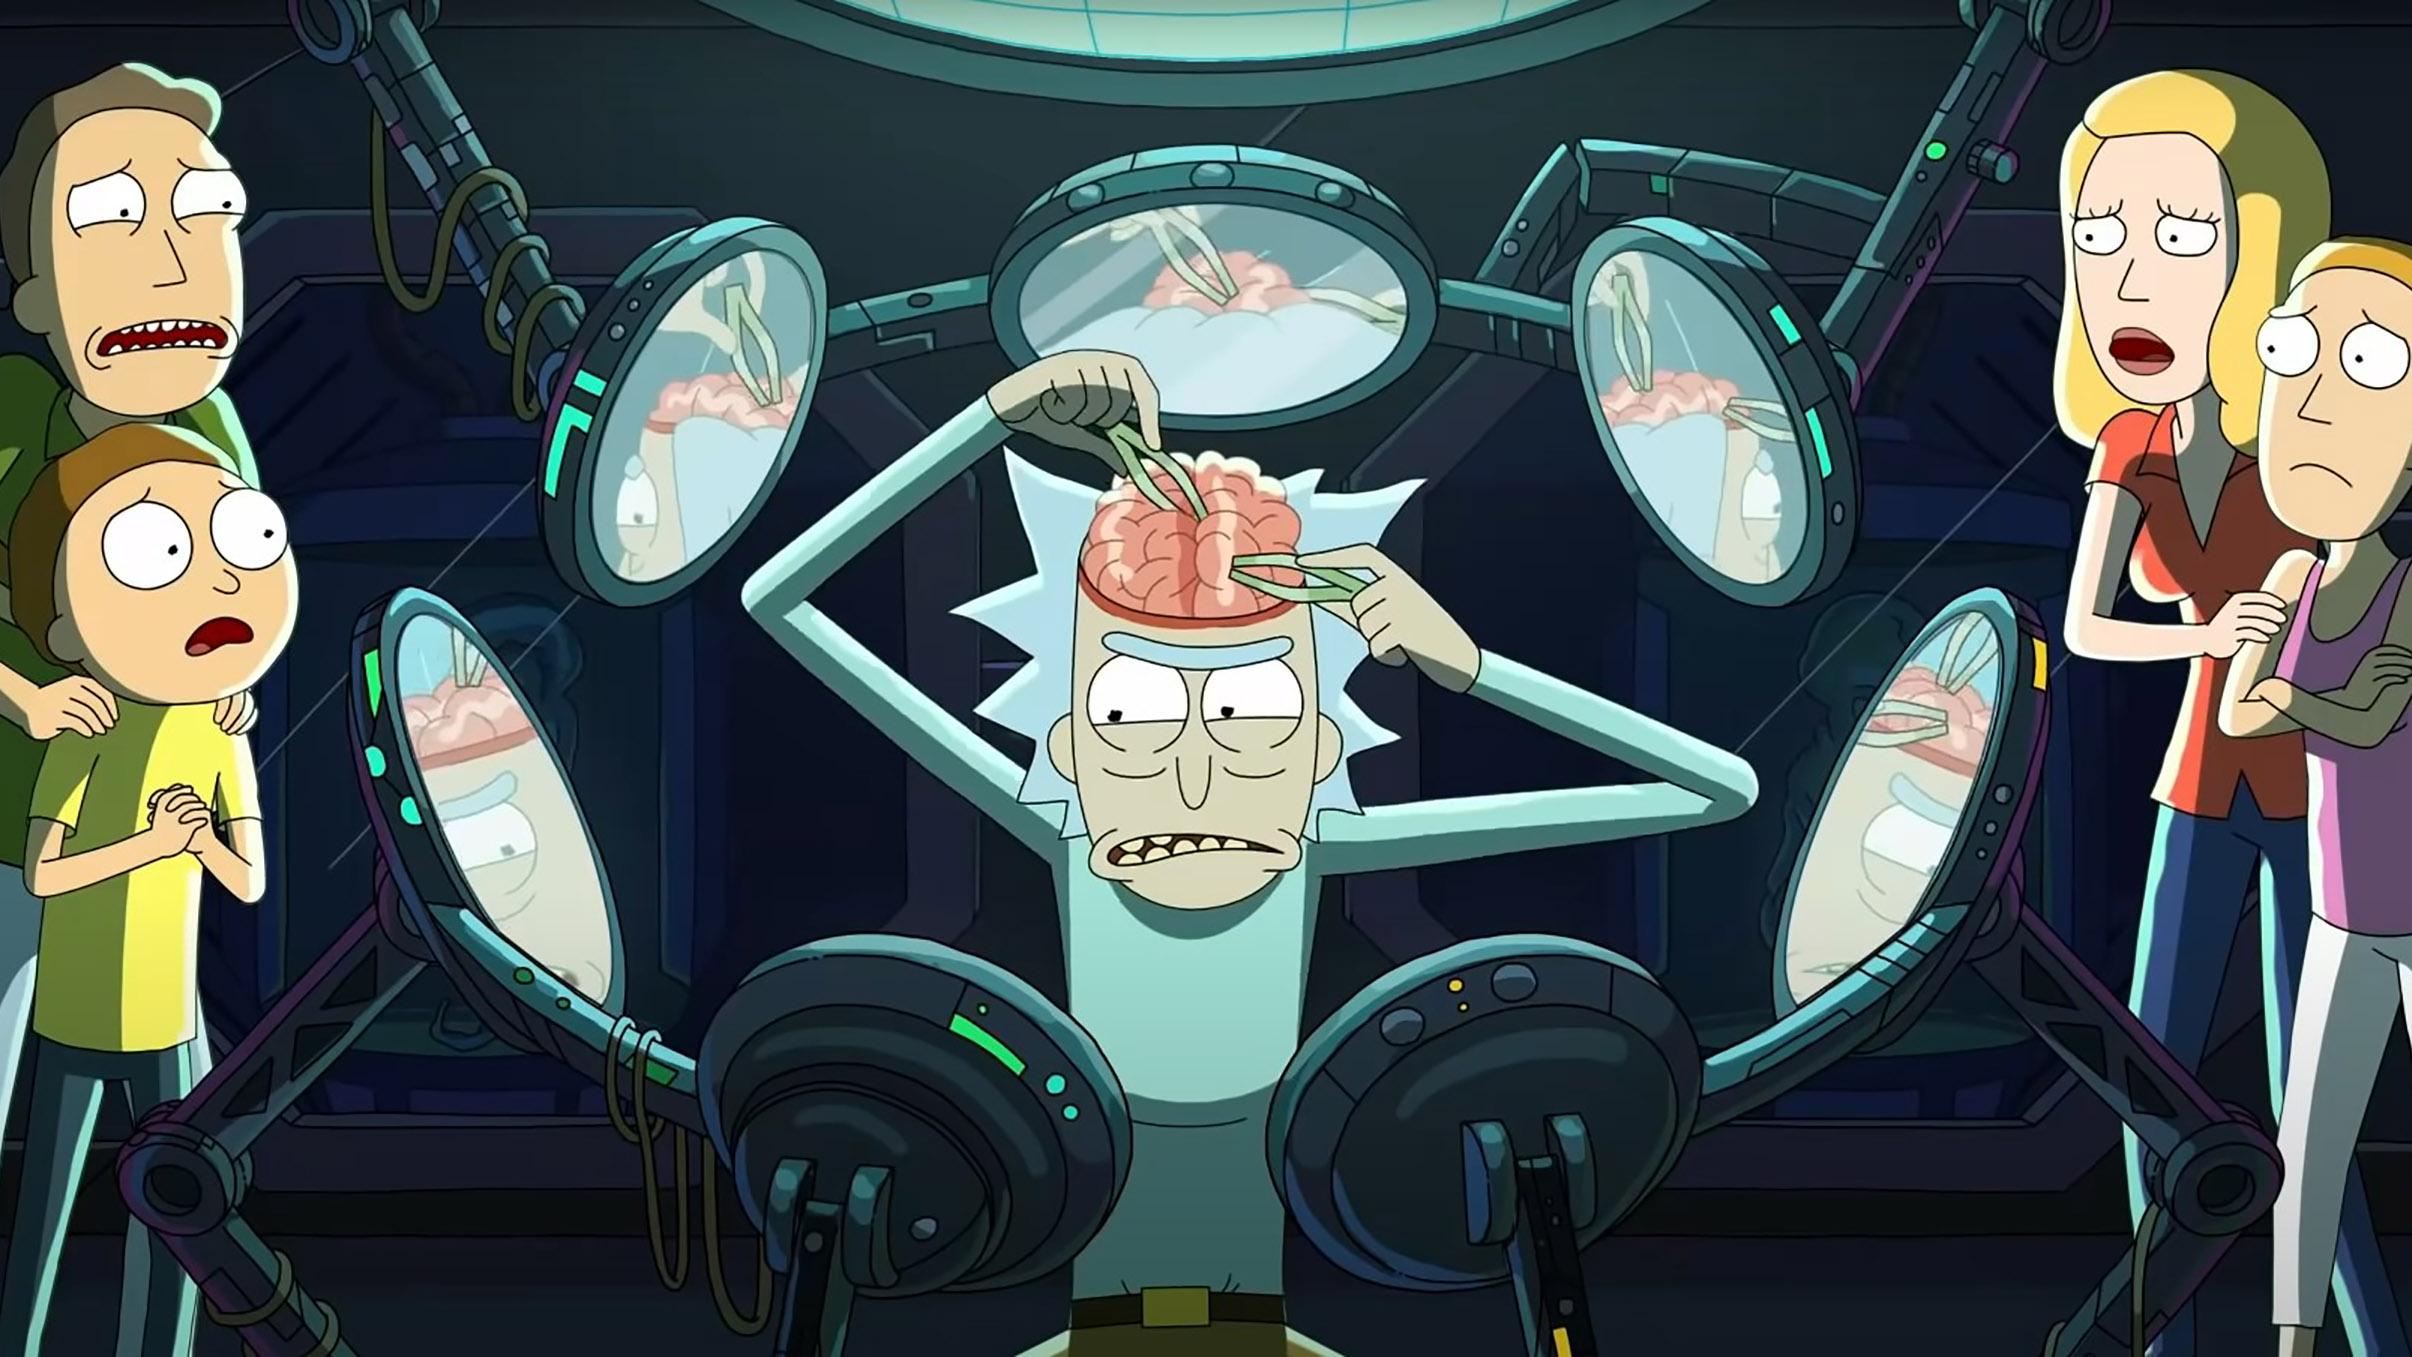 Rick And Morty Toilets 1080p Wallpaper Hdwallpaper Desktop Fondos De Escritorio 4k Personajes De Rick Y Morty Fondos De Pantalla Psicodelicos